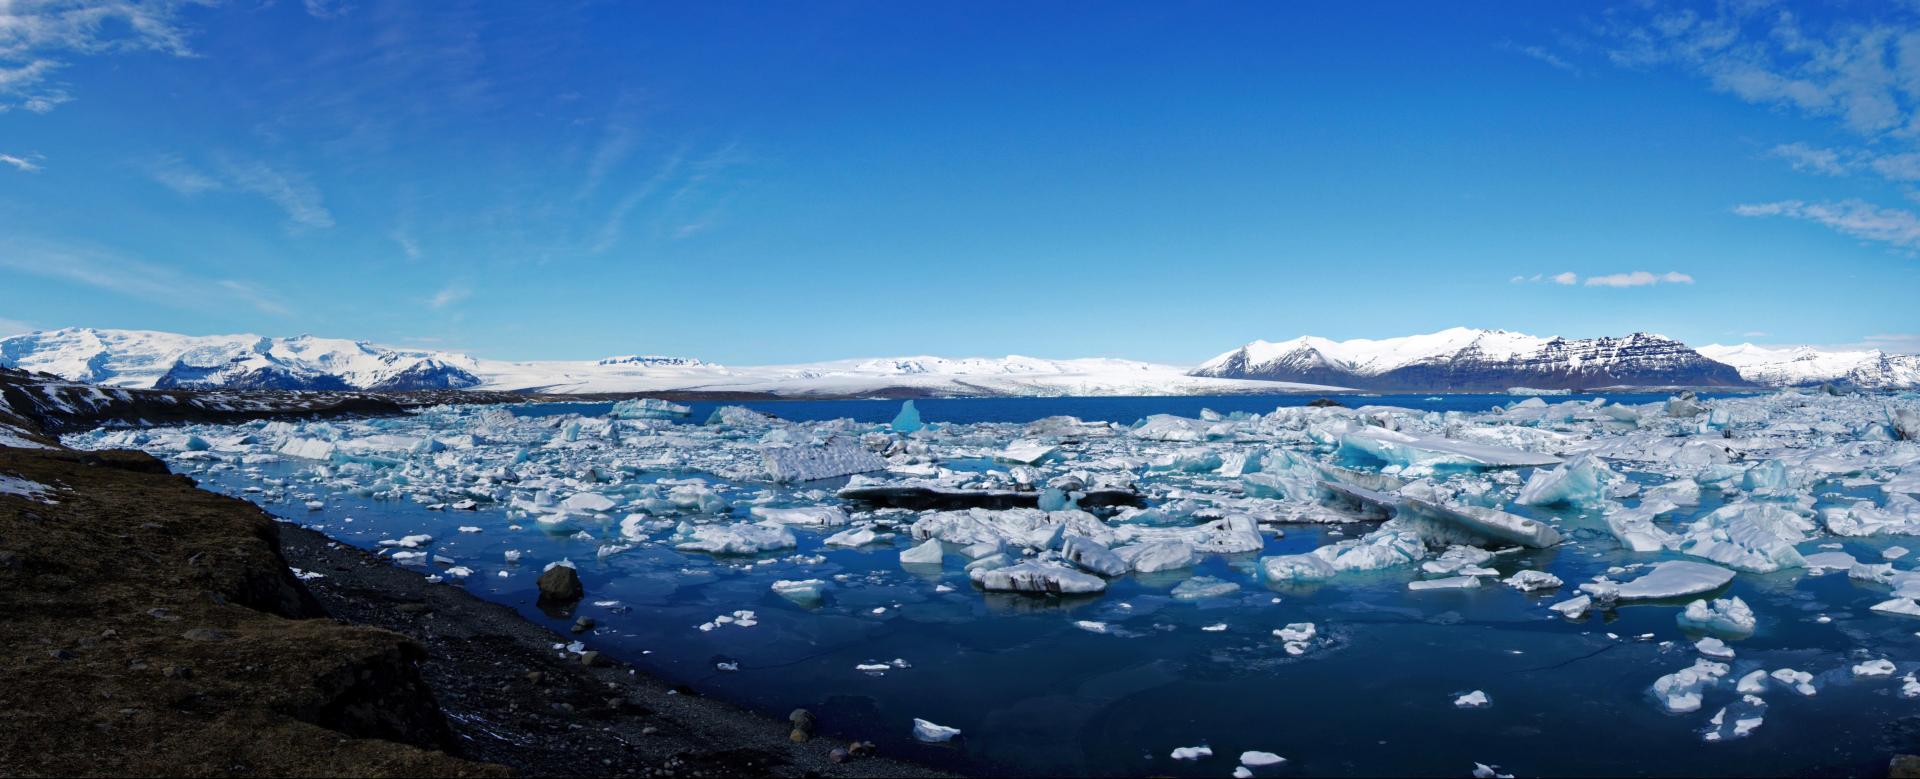 Voyage à pied : Trek des fjords et des glaciers